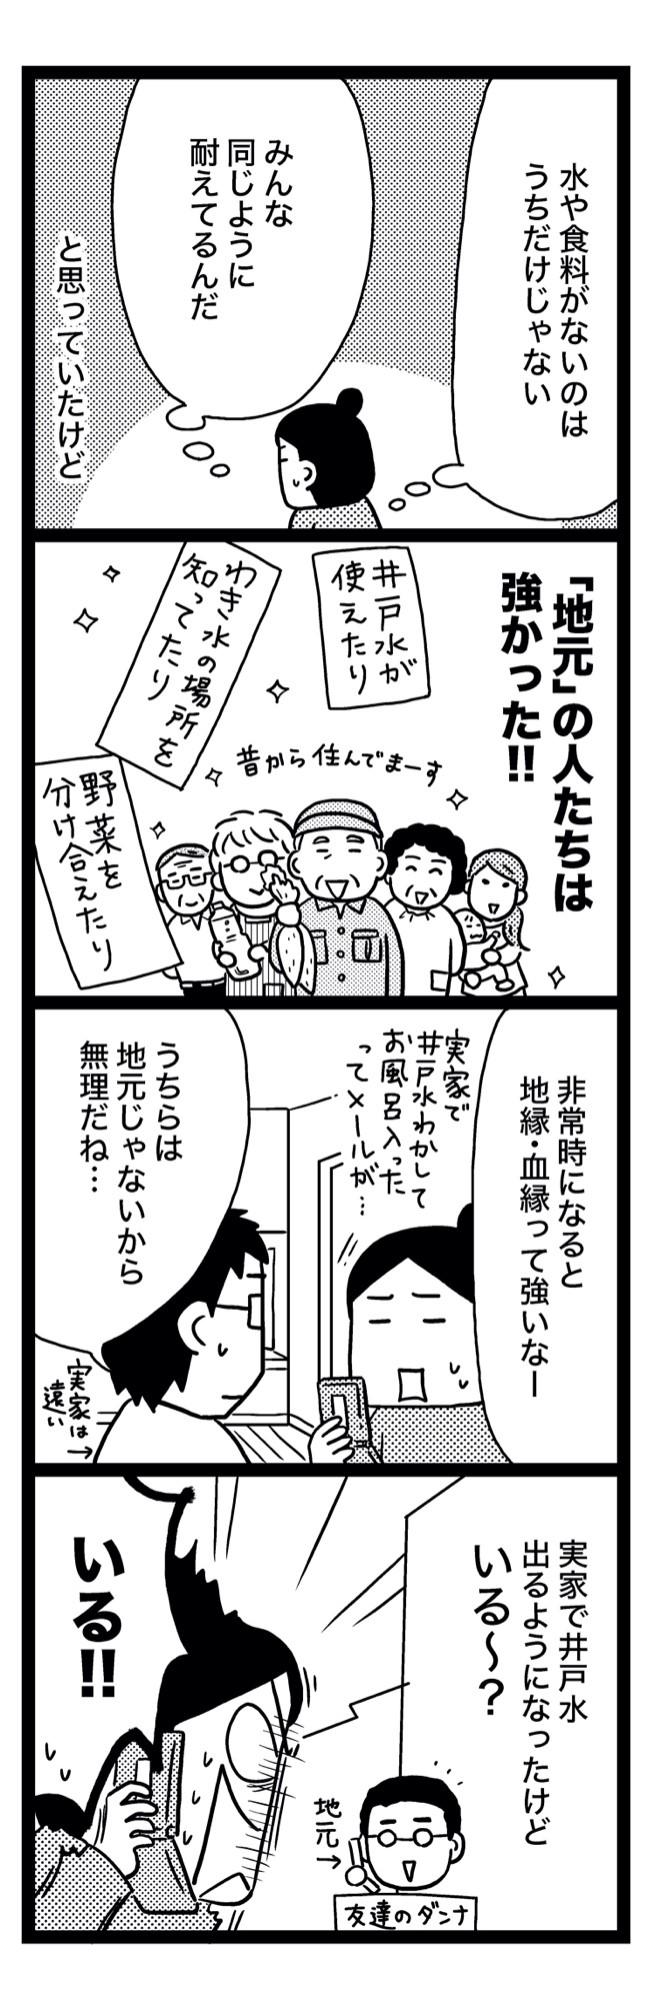 sinsai3-5